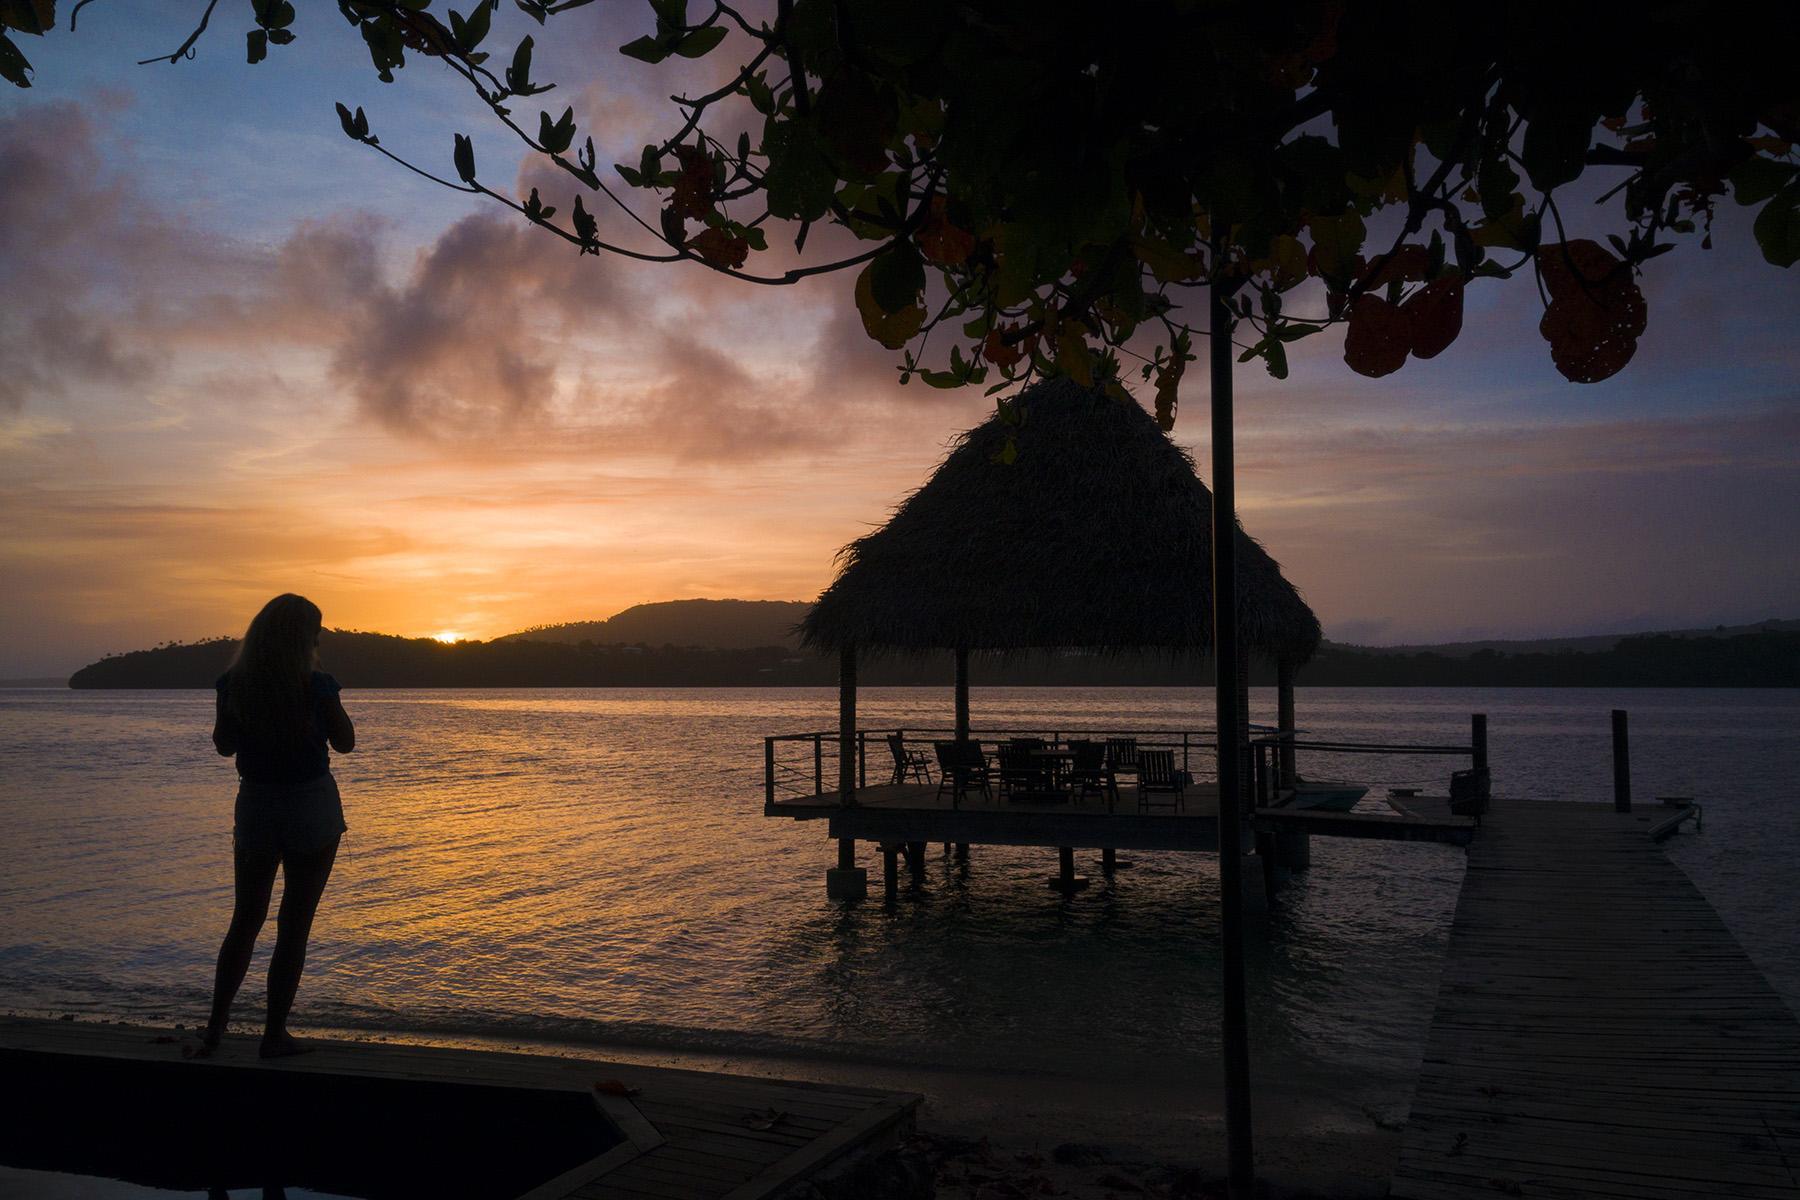 Tonga sunset